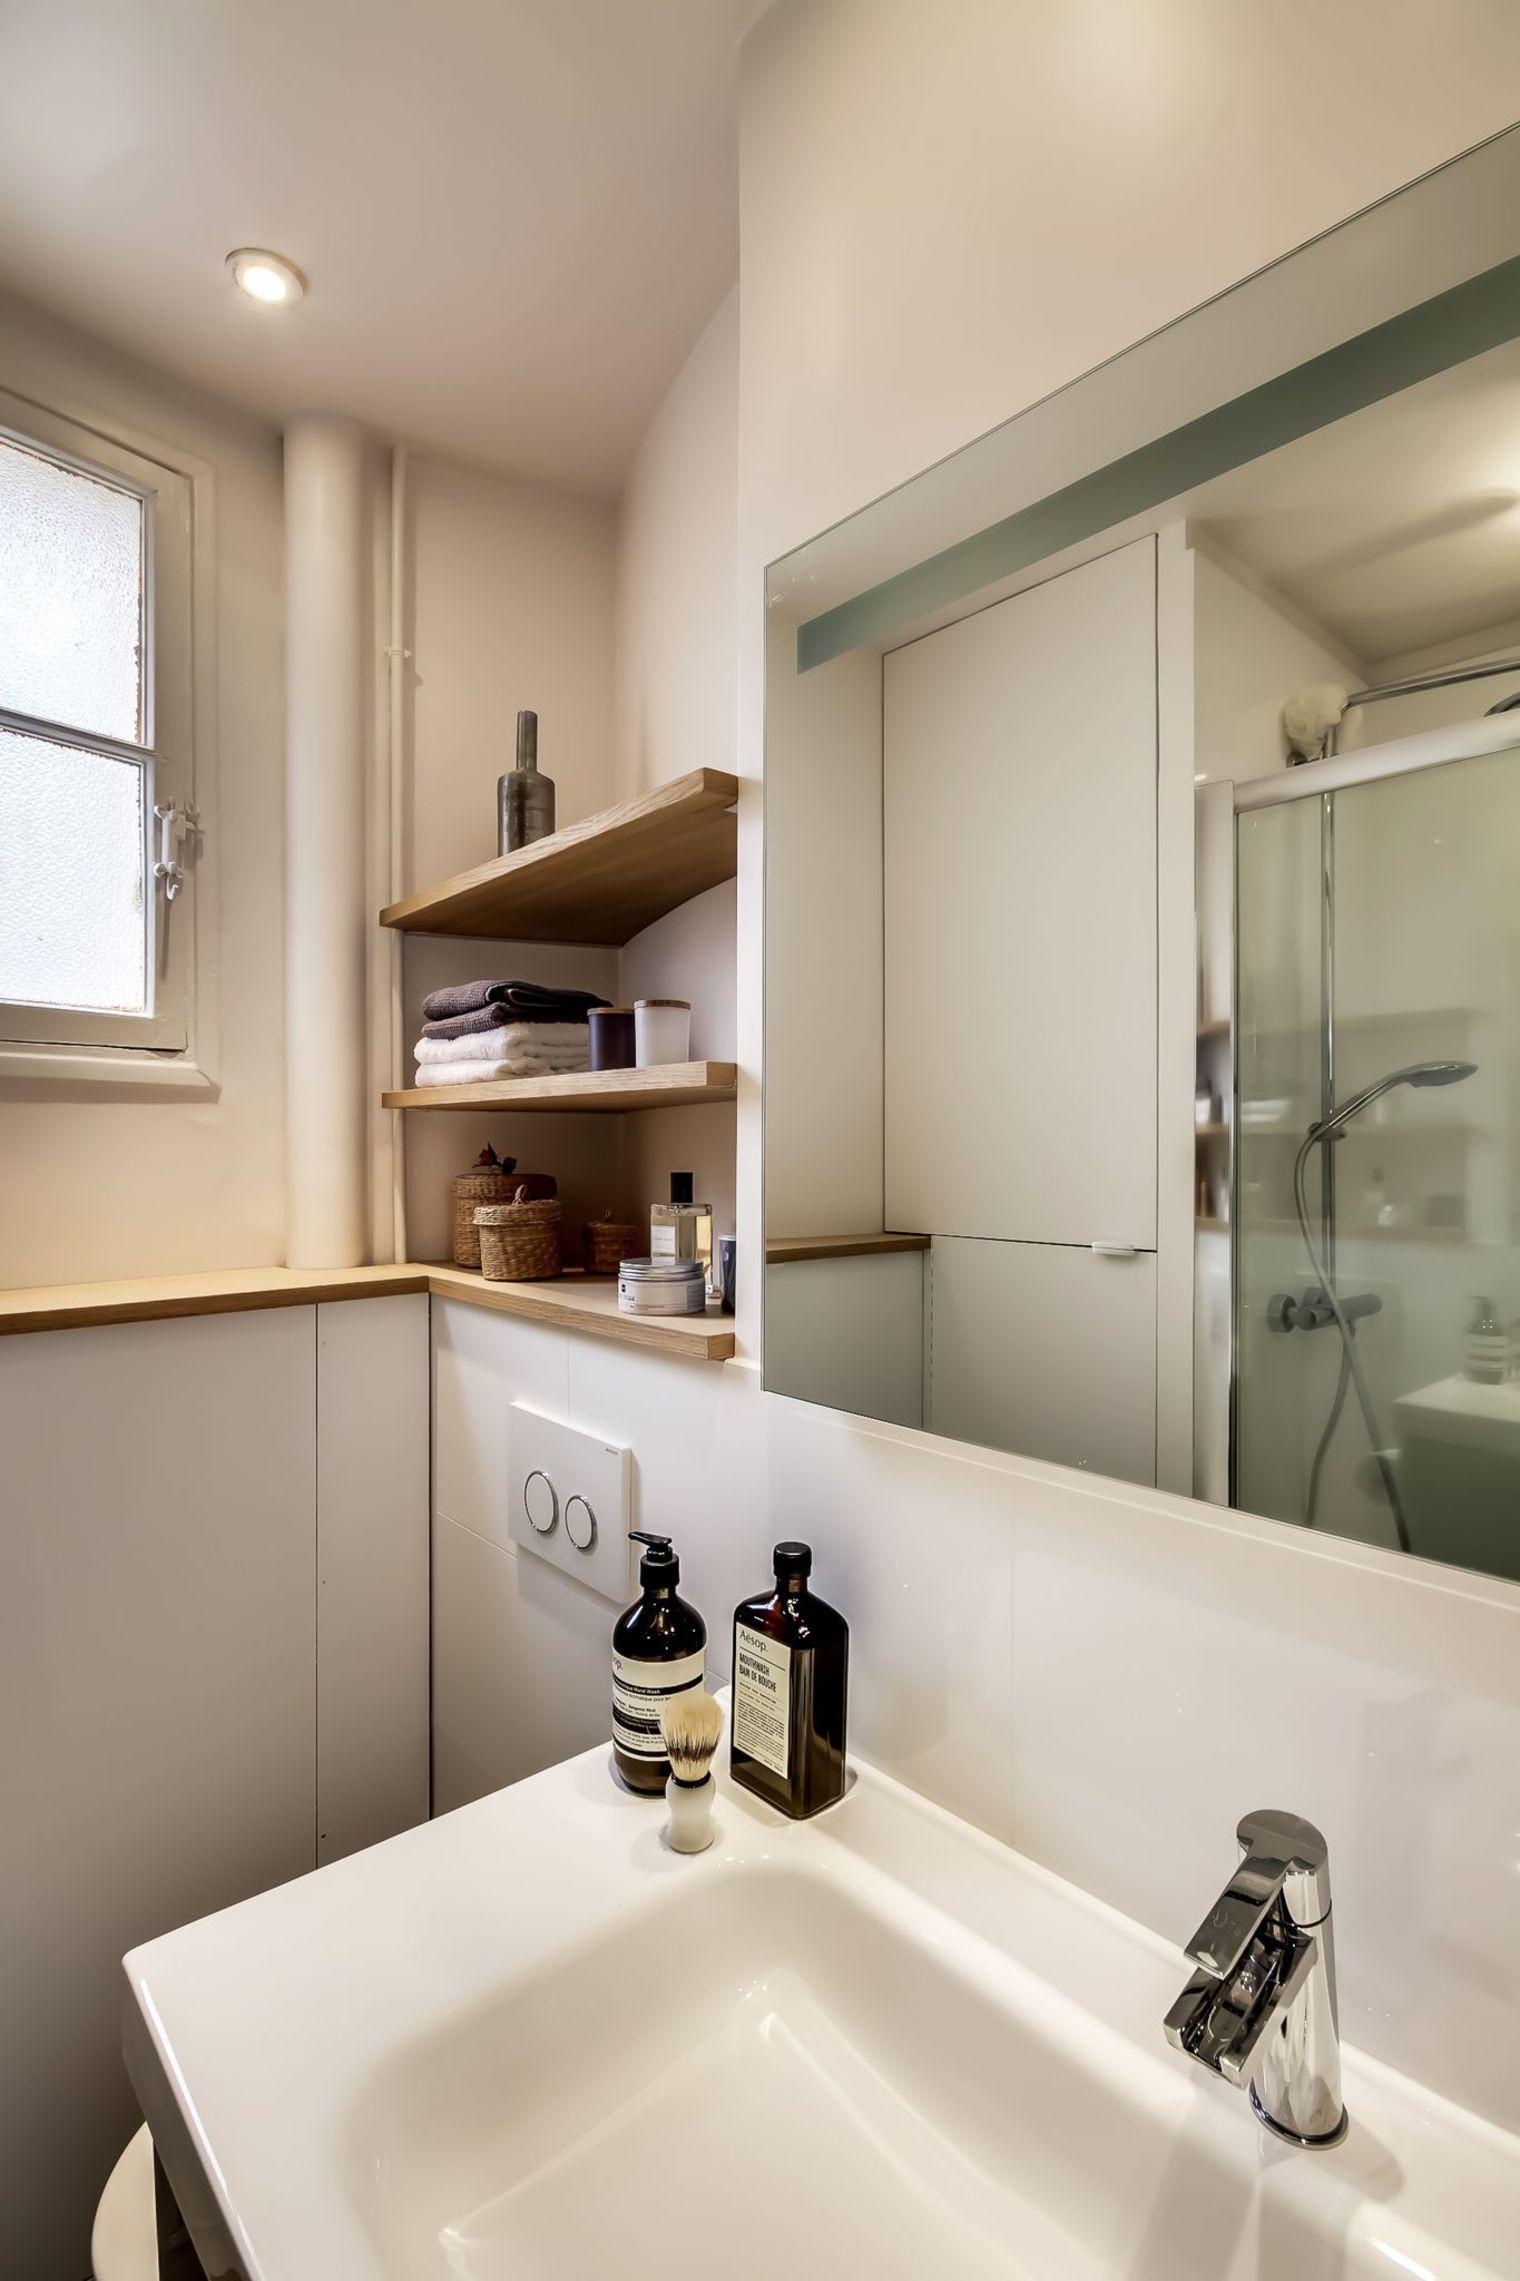 Sau cải tạo, căn hộ 38m² đẹp hoàn hảo mọi góc nhìn   - Ảnh 12.